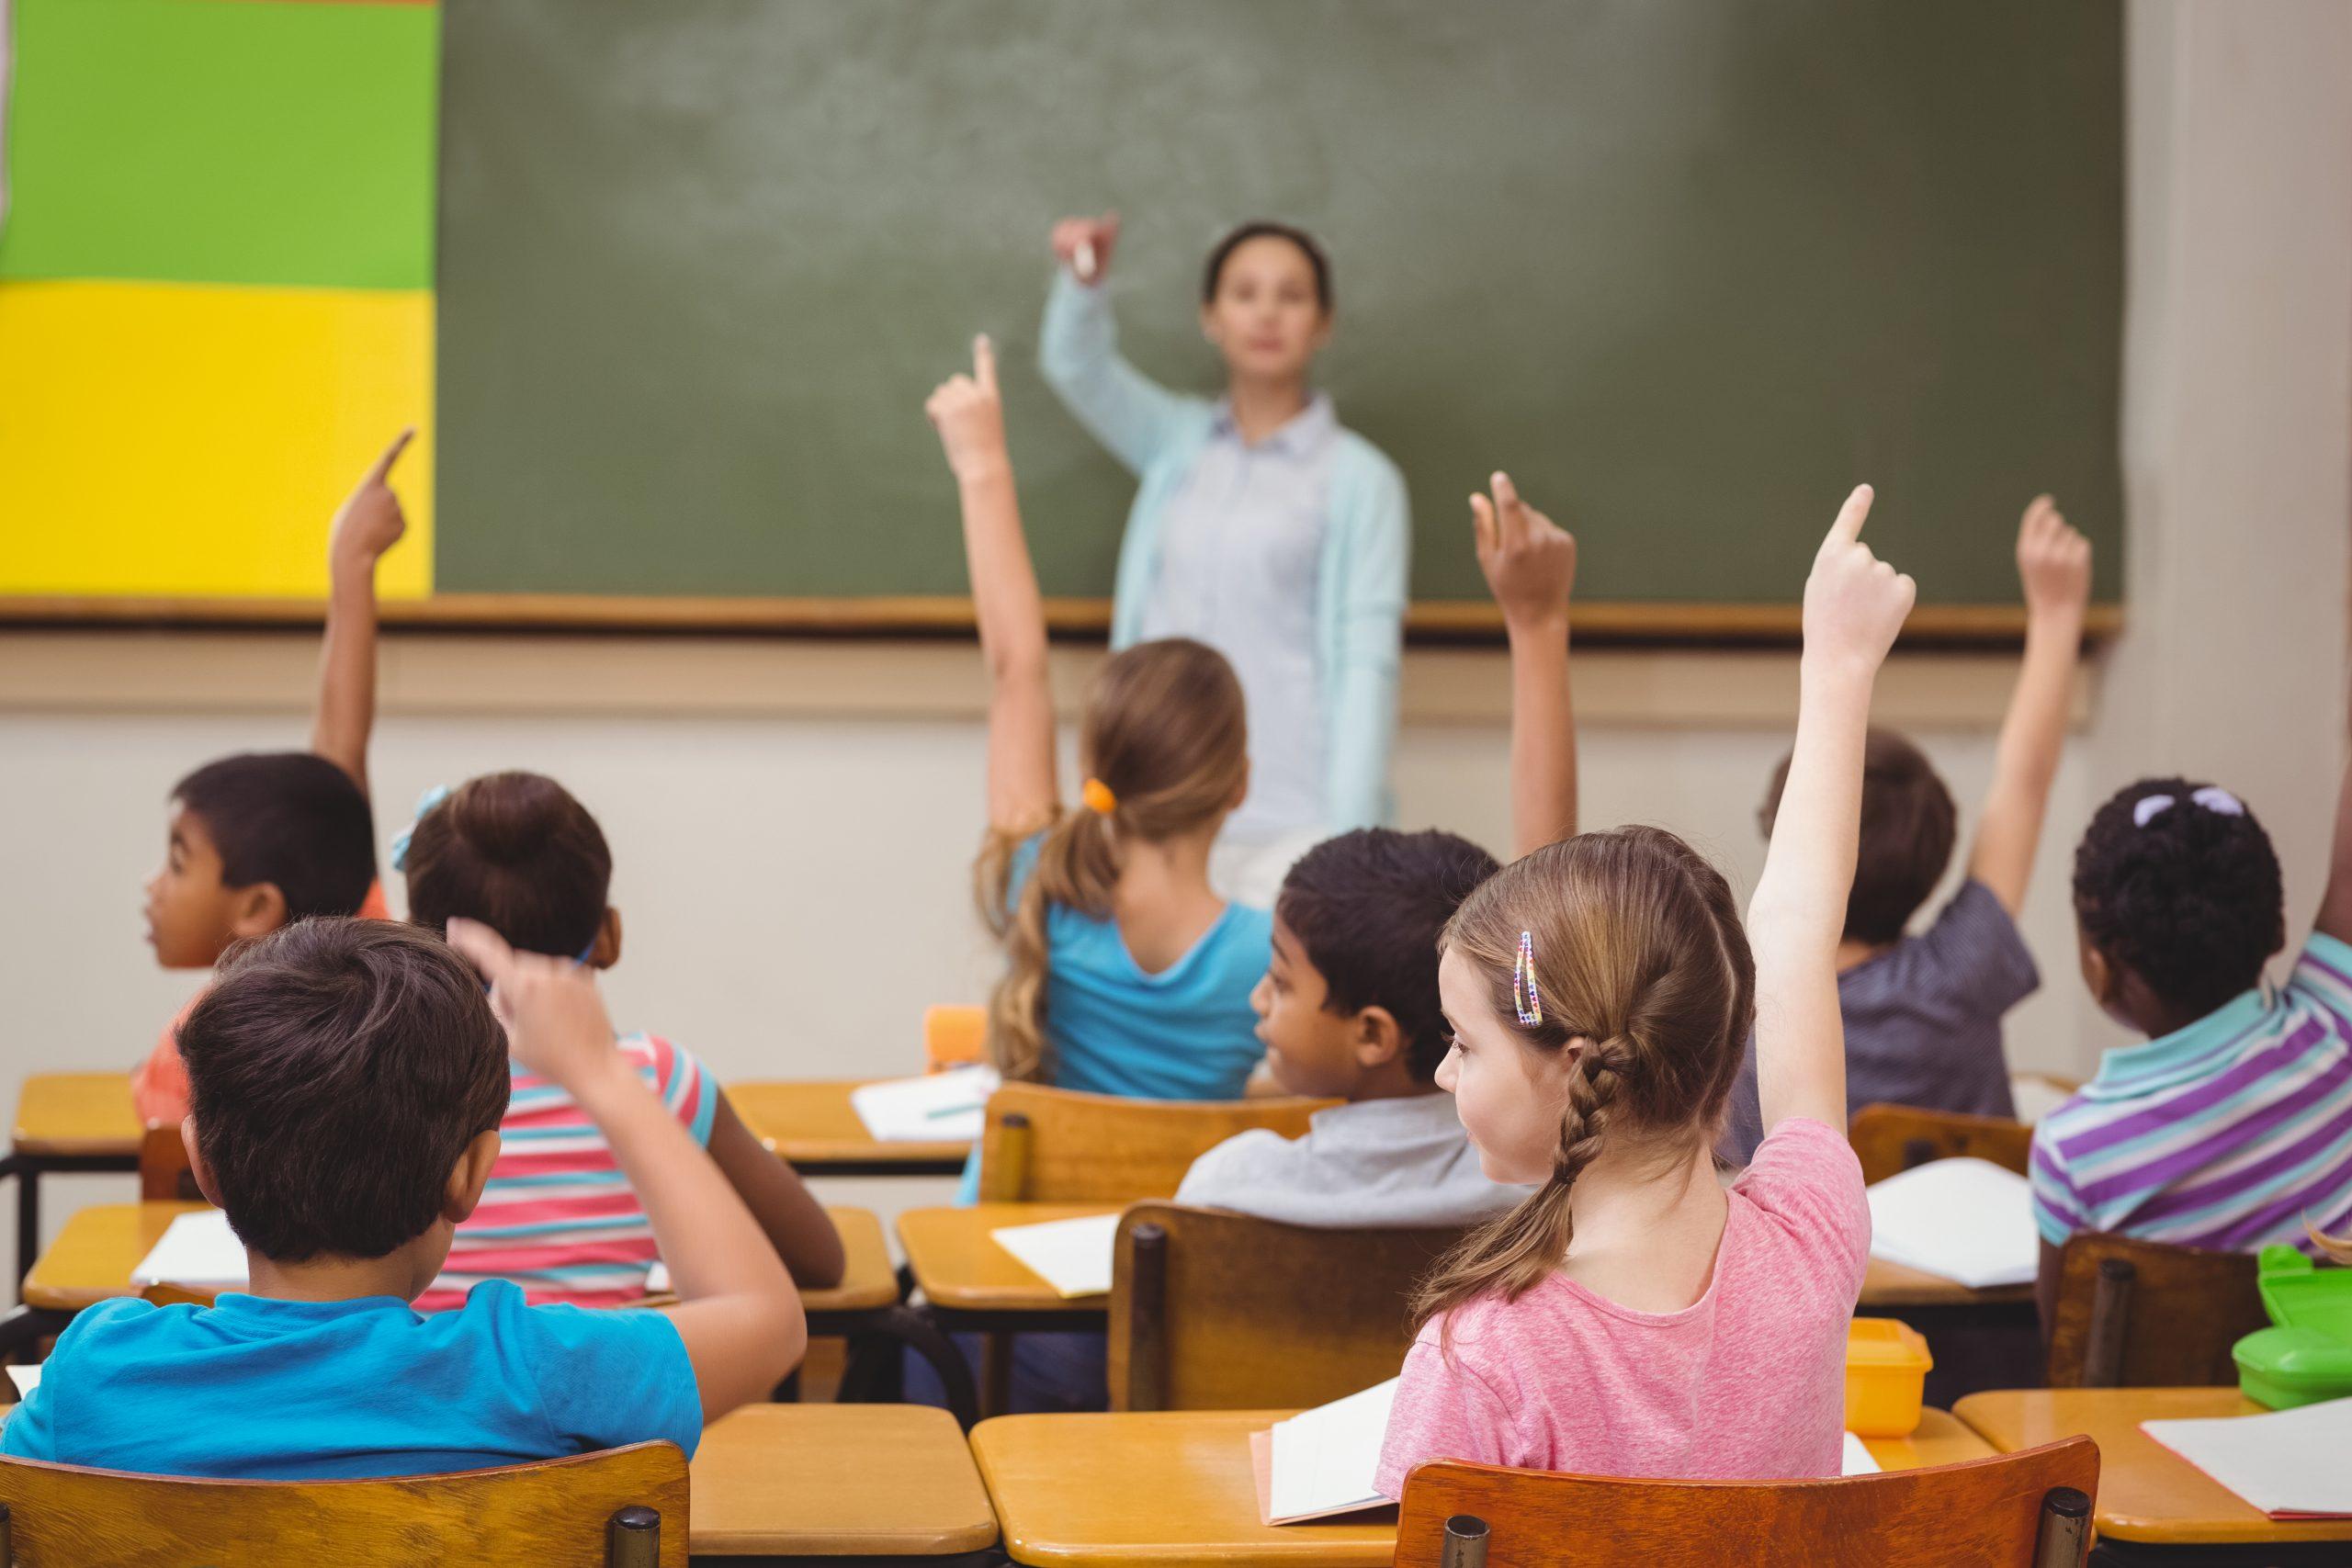 Studyberg Teaching